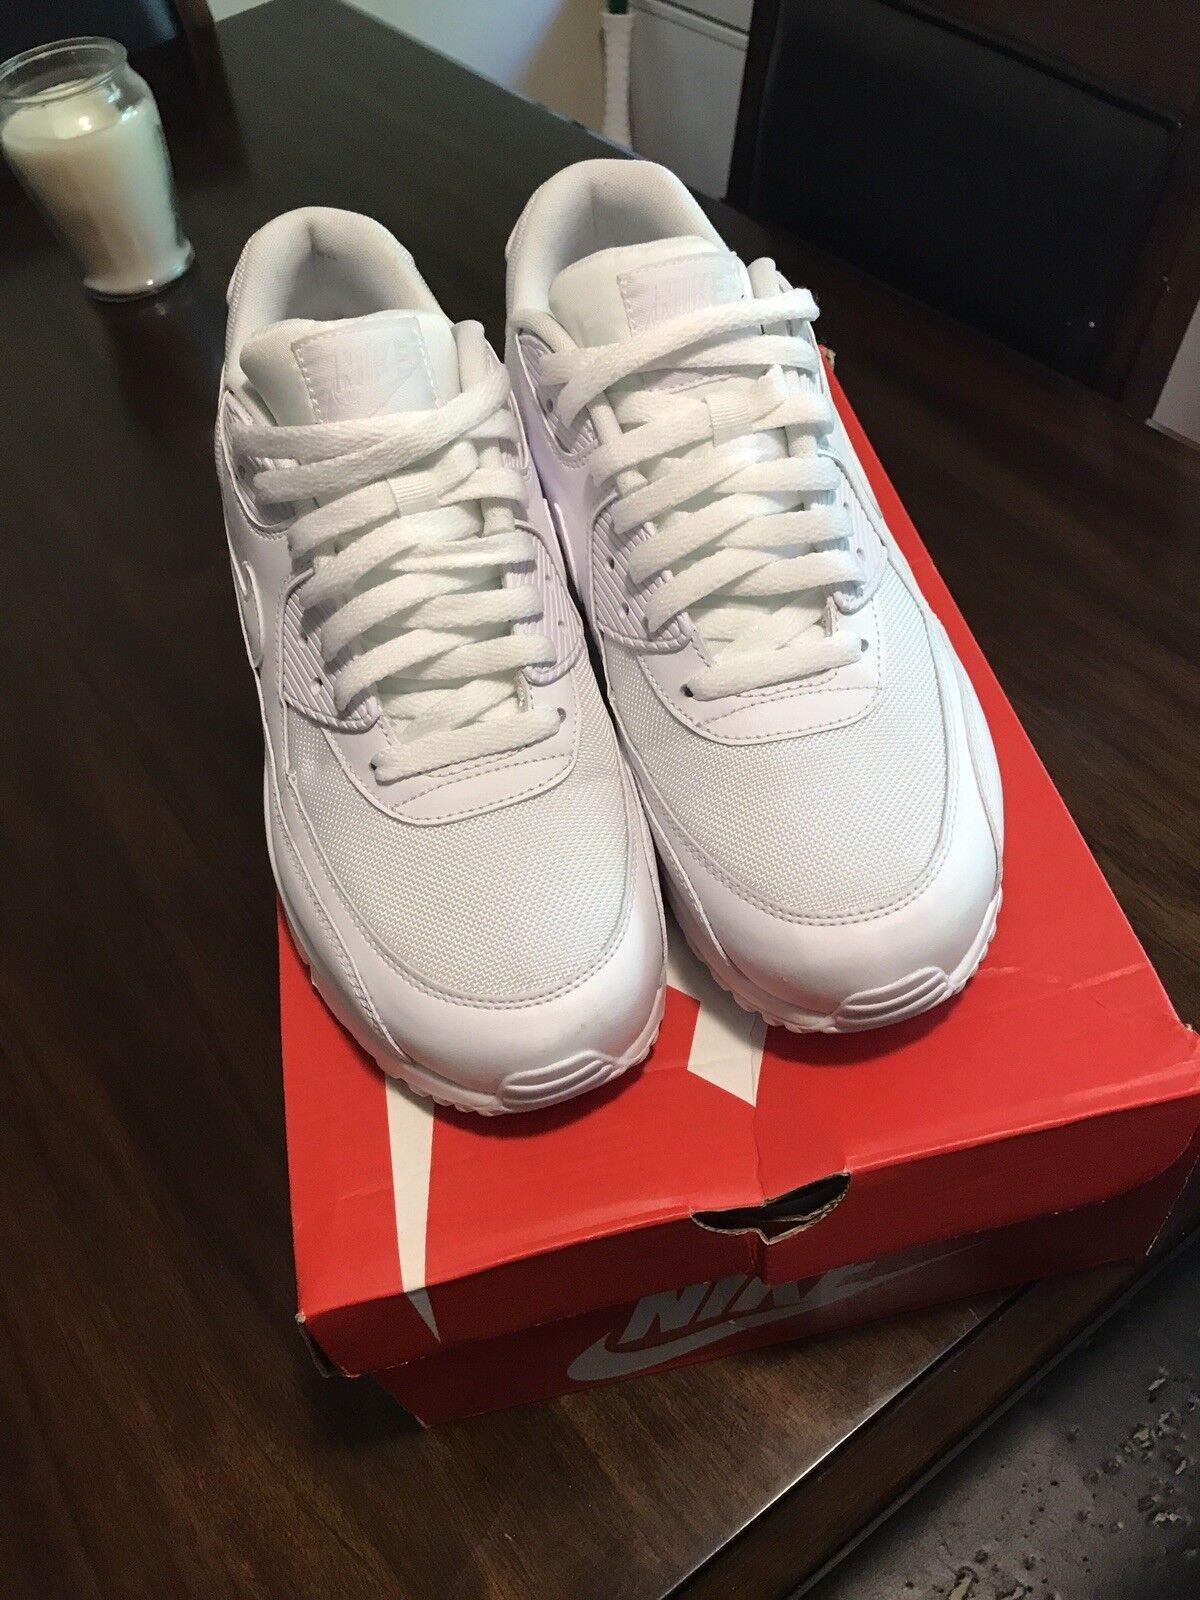 Nike air max 90 cuoio huarache bianco uomini nuovi roshe huarache cuoio presto retr 302519-113 9a2f13